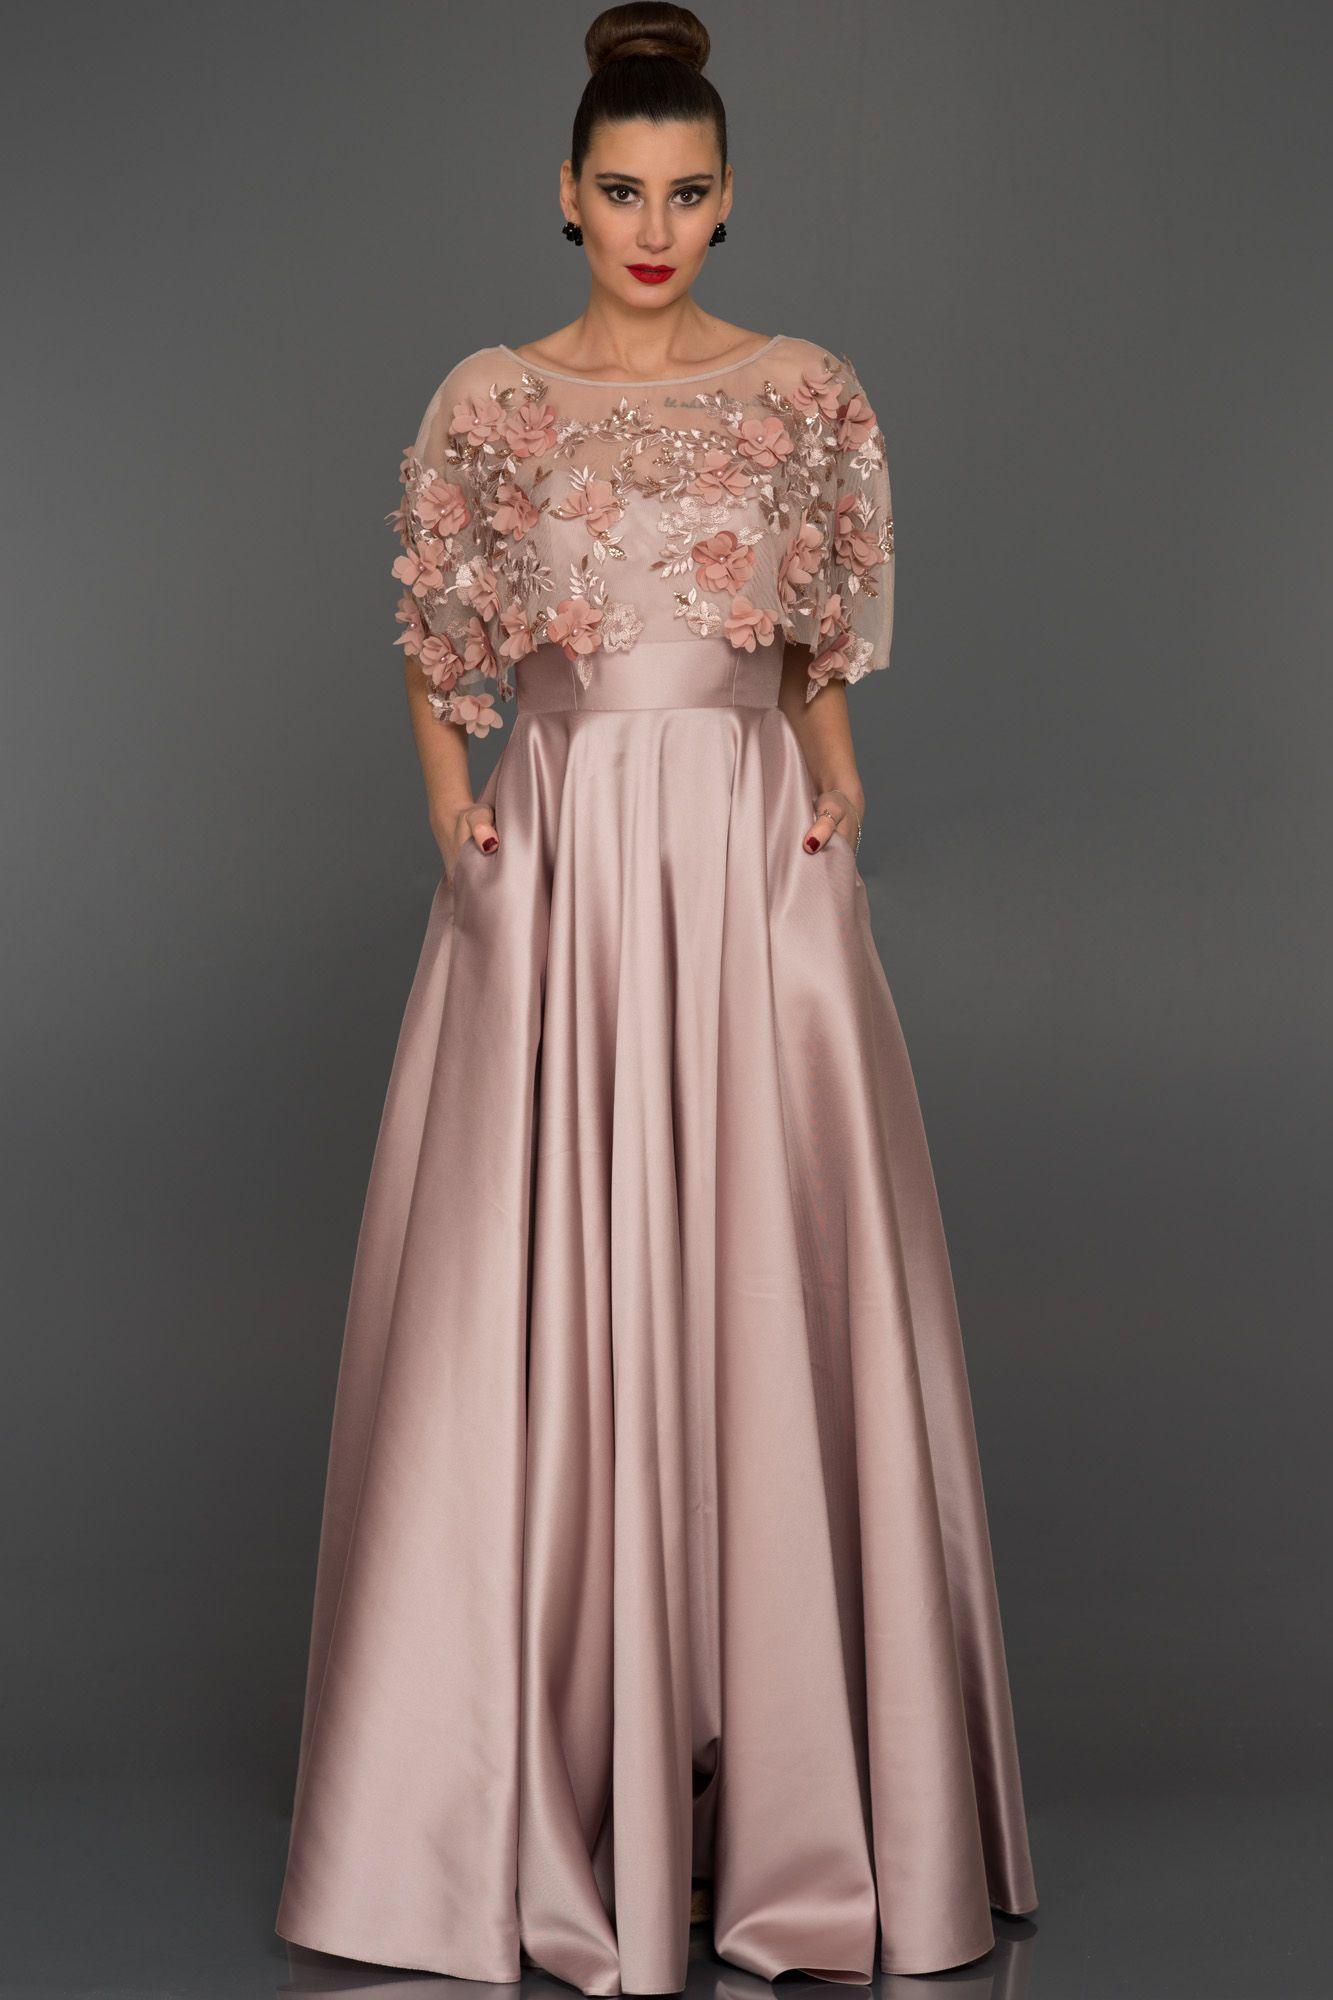 Gul Kurusu Uzun Cicekli Prenses Abiye Abu115 The Dress Kisa Etekli Elbiseler Resmi Elbise